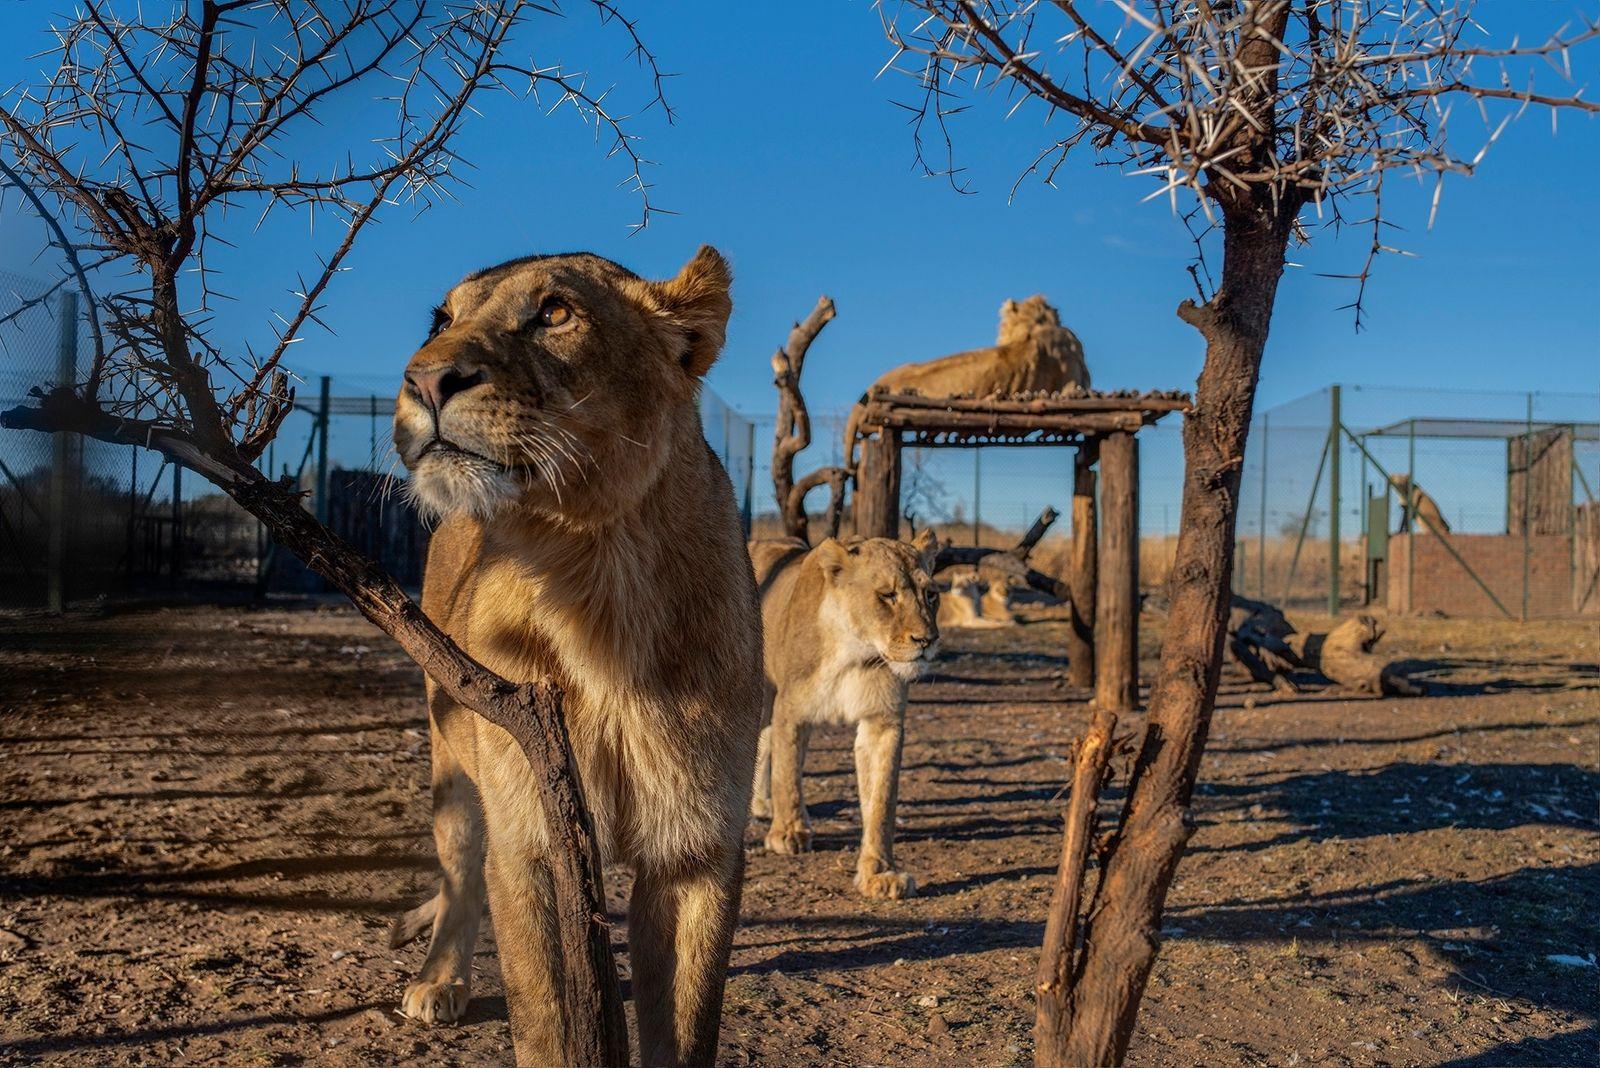 Exclusivo: Por dentro de uma controversa fazenda de leões na África do Sul